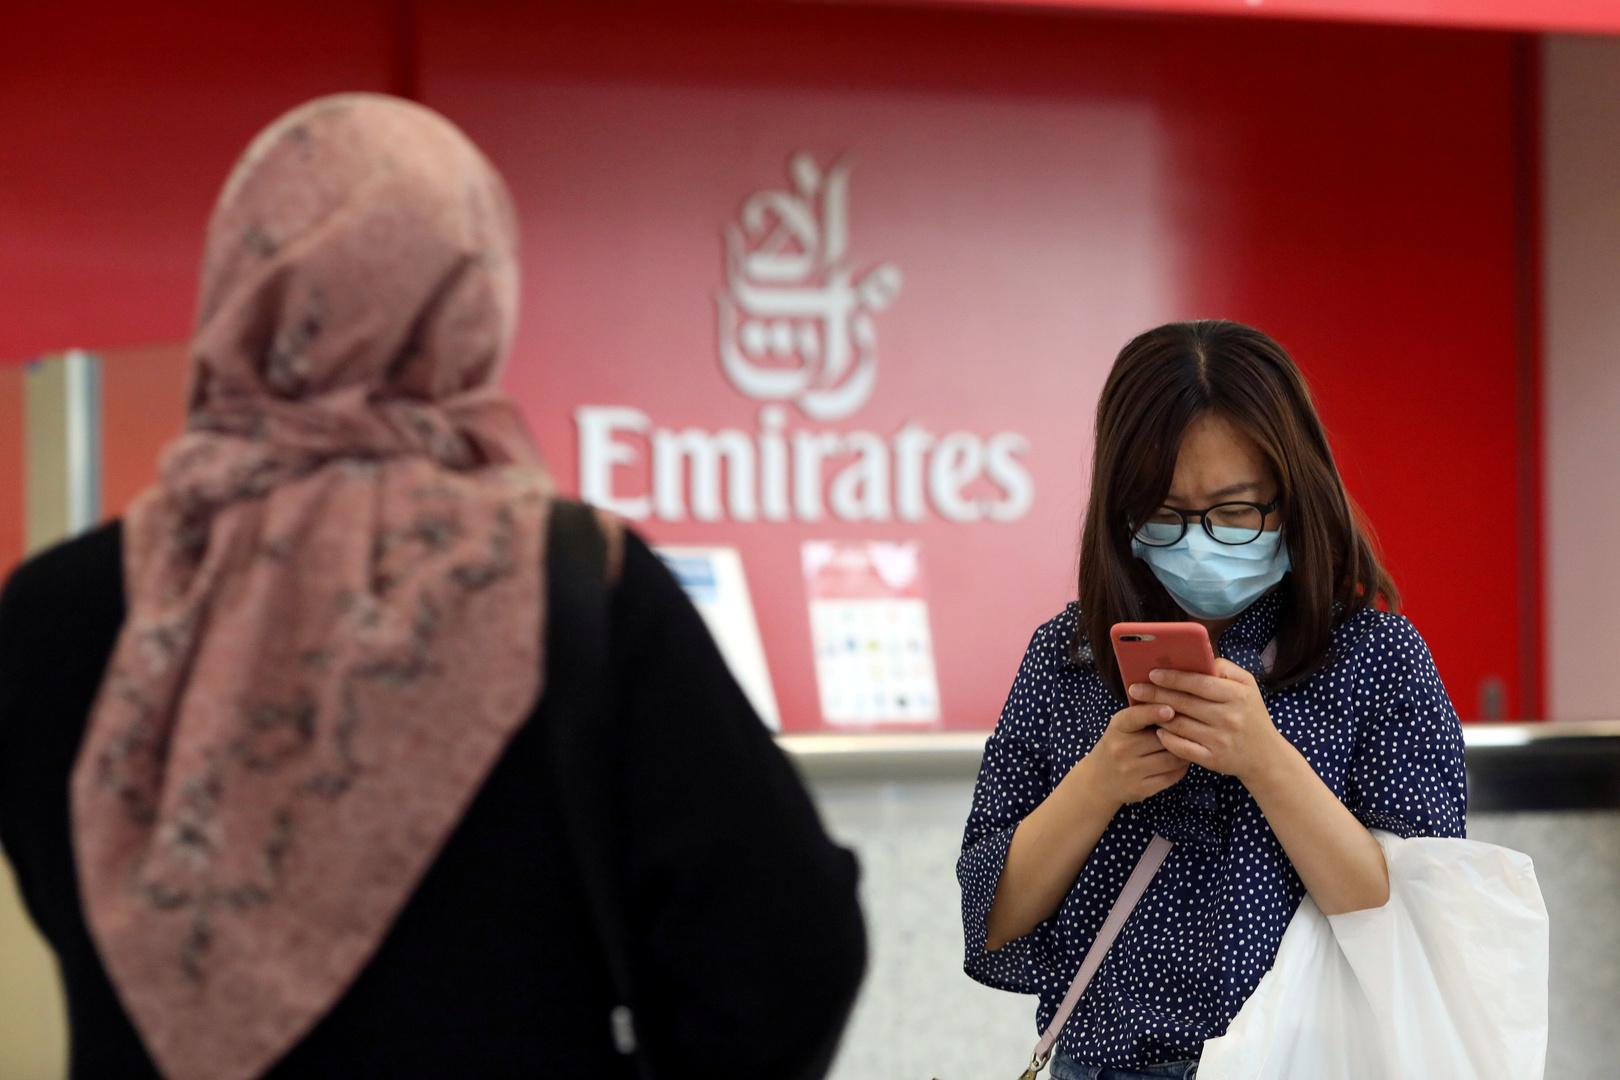 الإمارات تسجل 11 حالة إصابة جديدة بفيروس كورونا